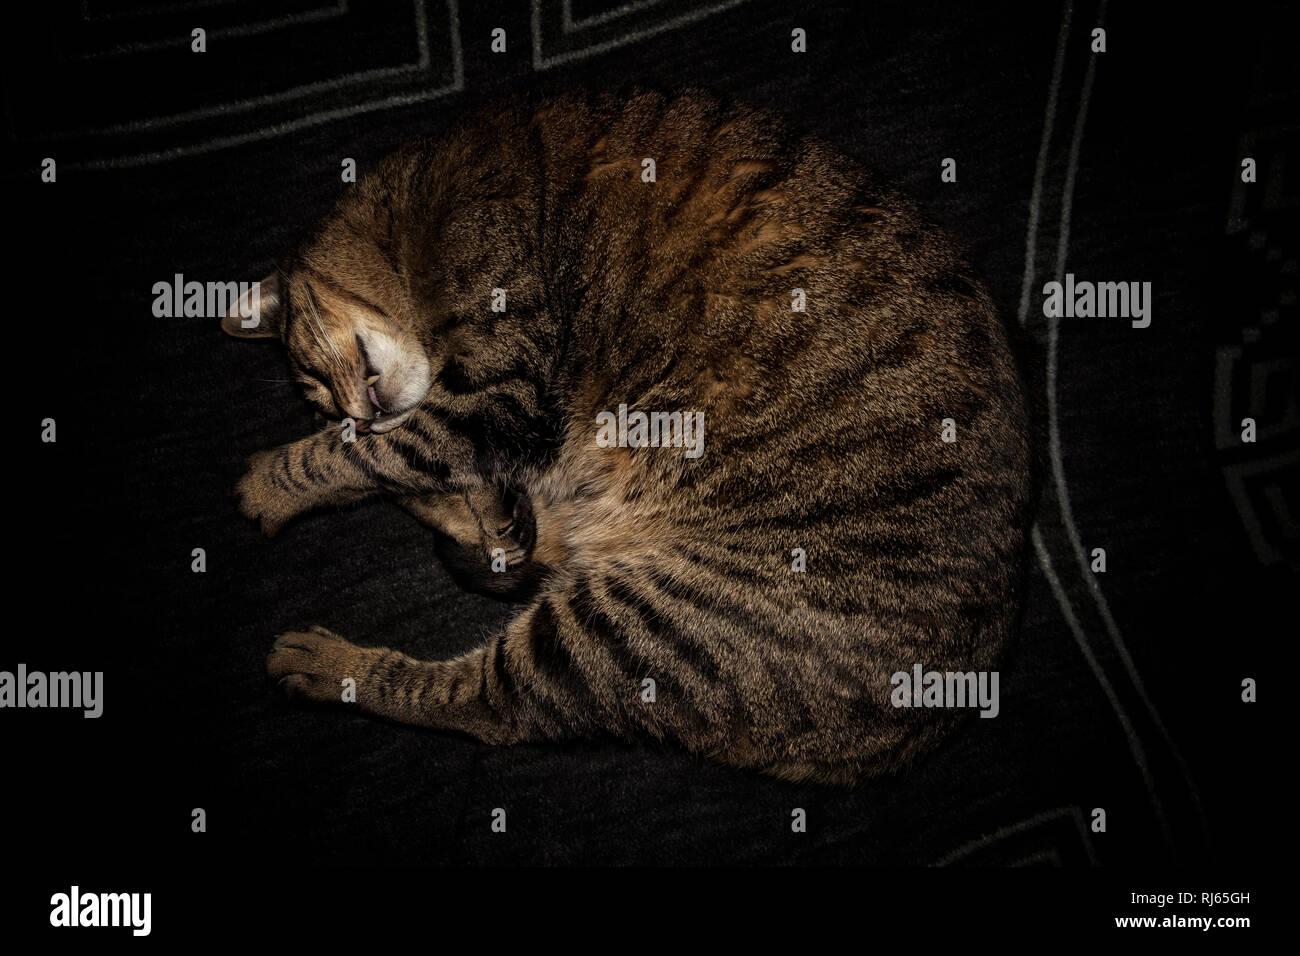 Schlafende Katze auf Sofa - Stock Image